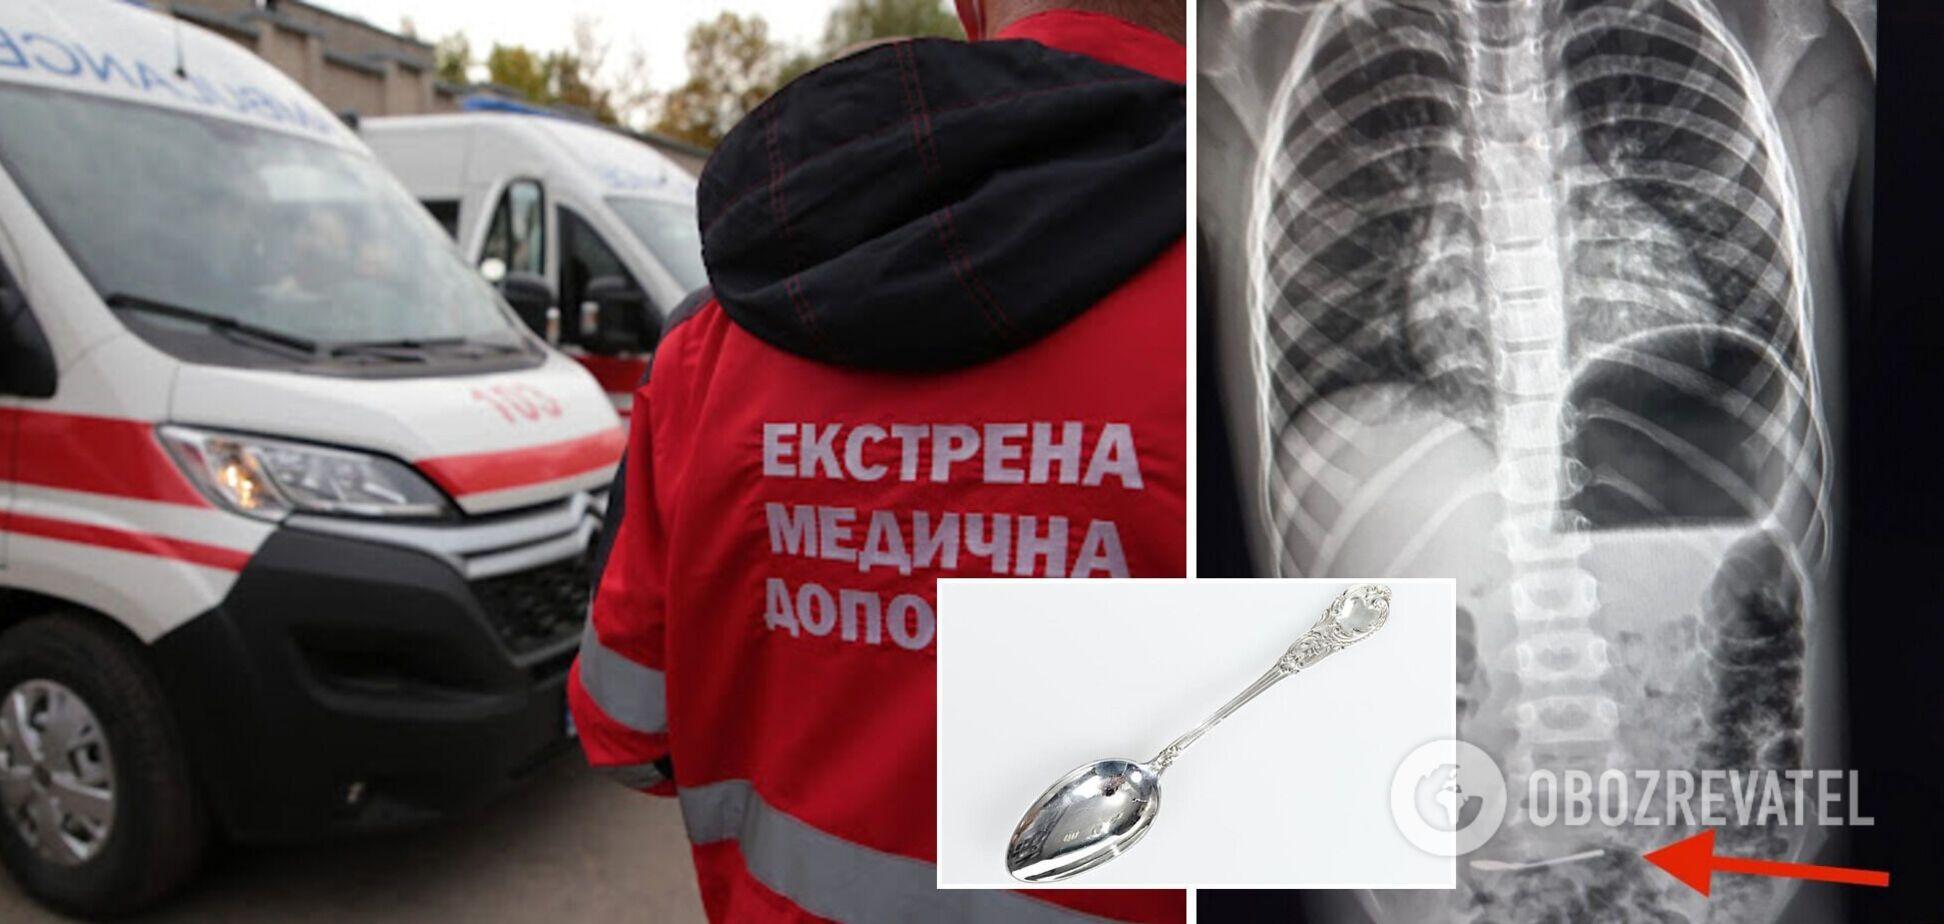 В Харькове 6-летний ребенок проглотил ложку: что известно о состоянии малыша. Фото